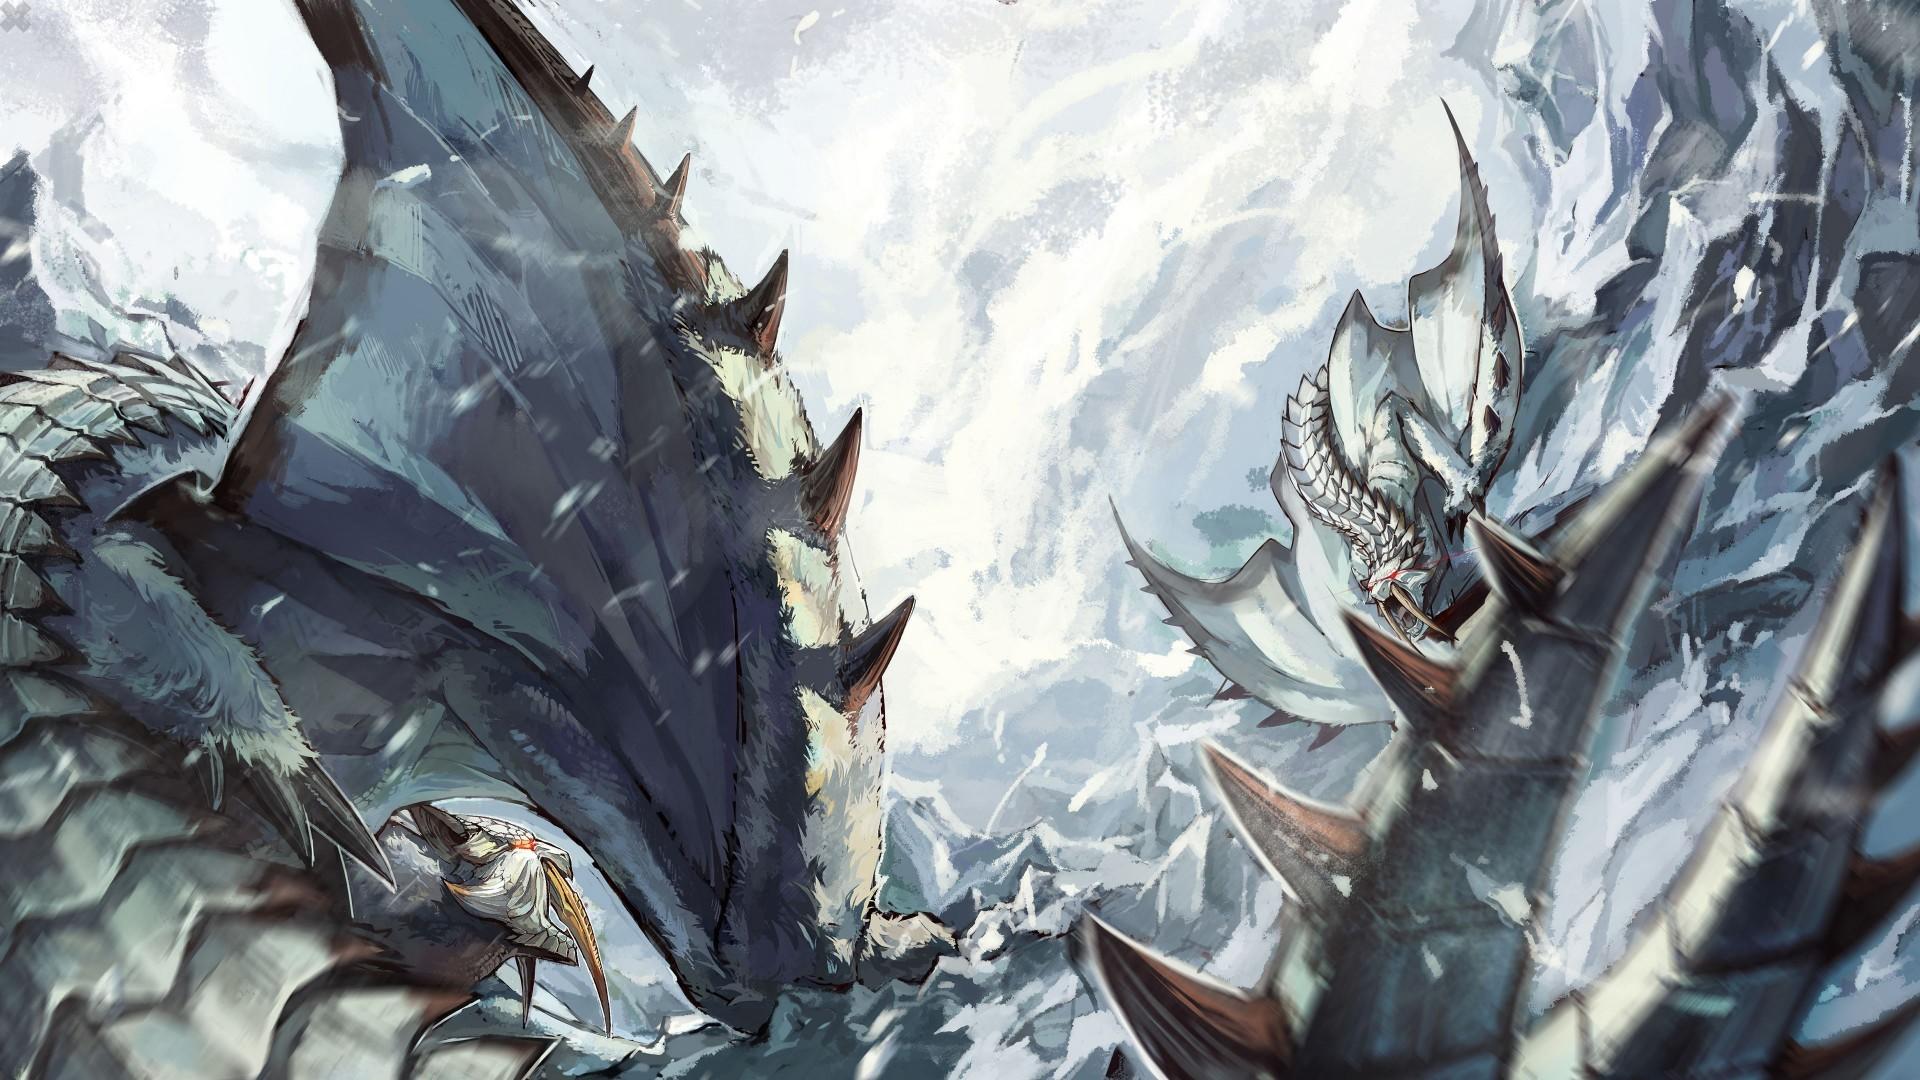 Monster Hunter Tri Wallpaper 67 images 1920x1080